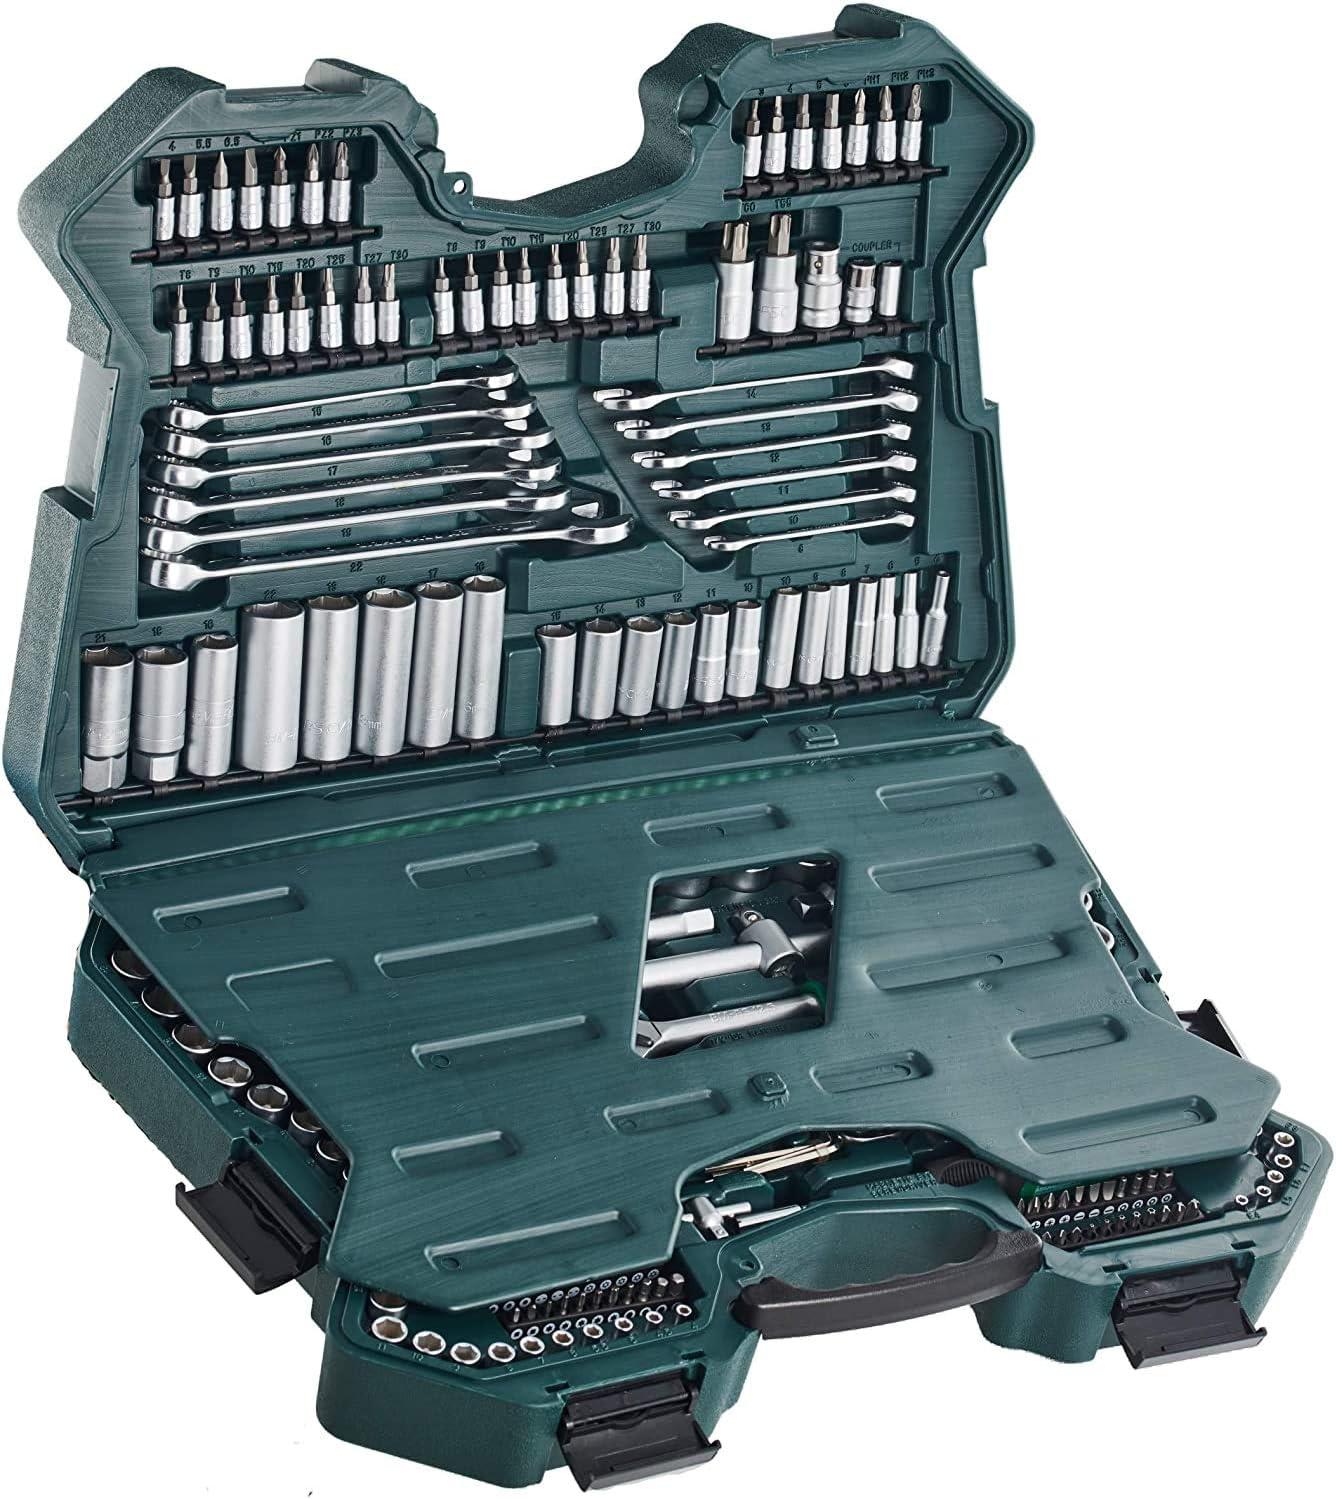 Mannesmann M98430 - Maletín con llaves de vaso y otras herramientas (215 piezas)